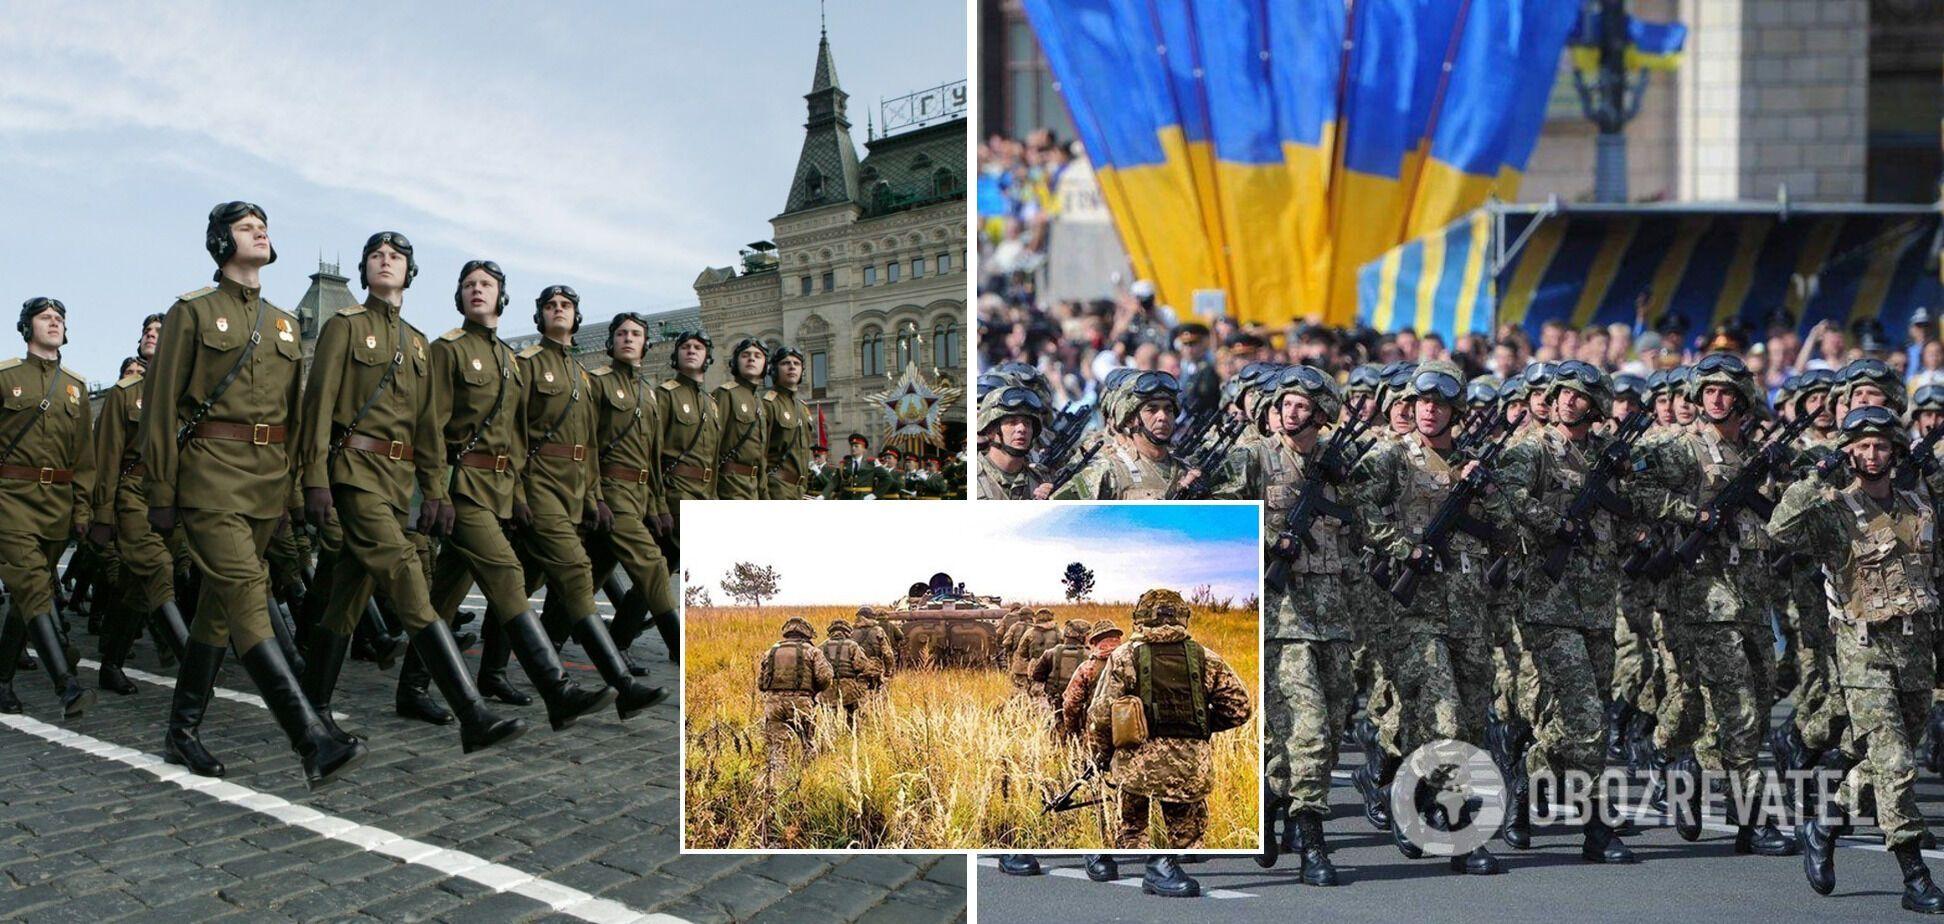 Пожалуйста, украинцы, не превращайте 14 октября в 23 февраля!